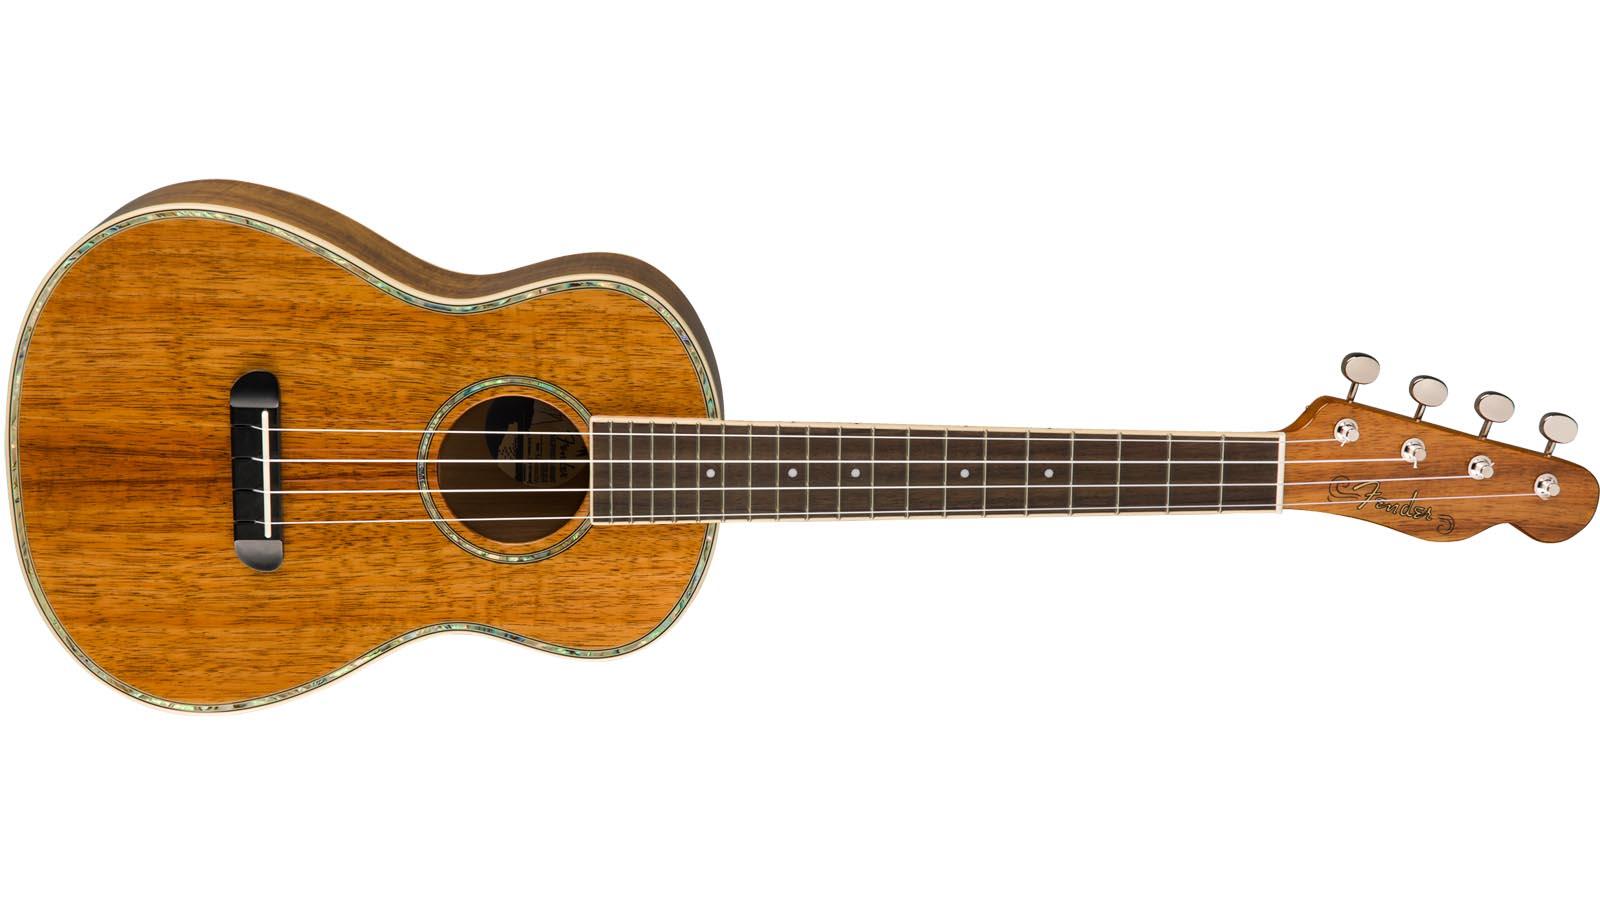 Fender Ukulele Montecito Tenor Ukulele KOA